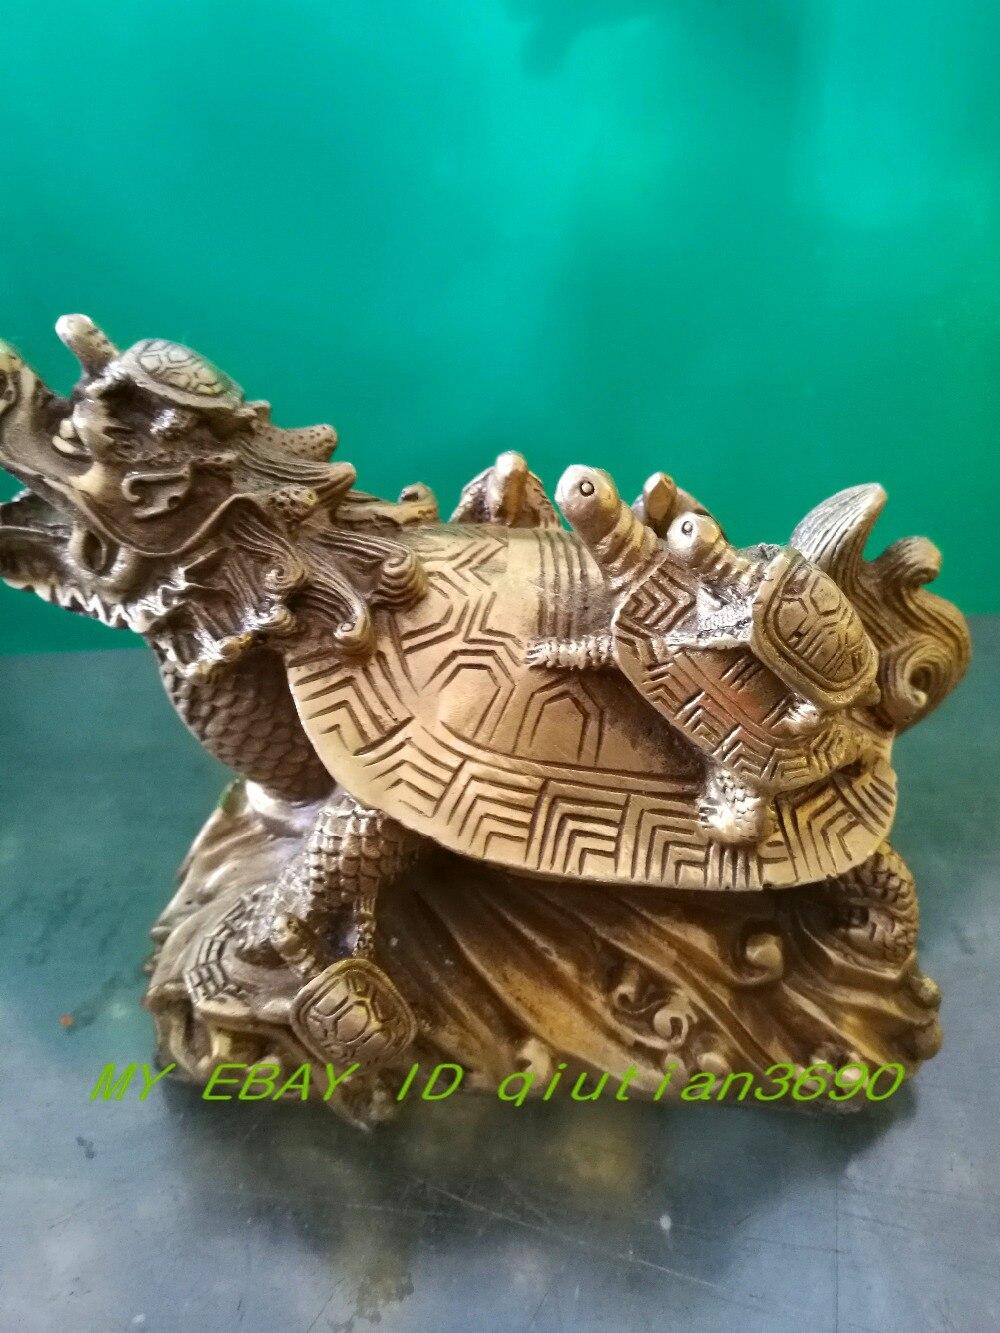 Chine Bronze neuf dragon dragon tortue sculpture ornements longévité chanceux décoration d'ameublement